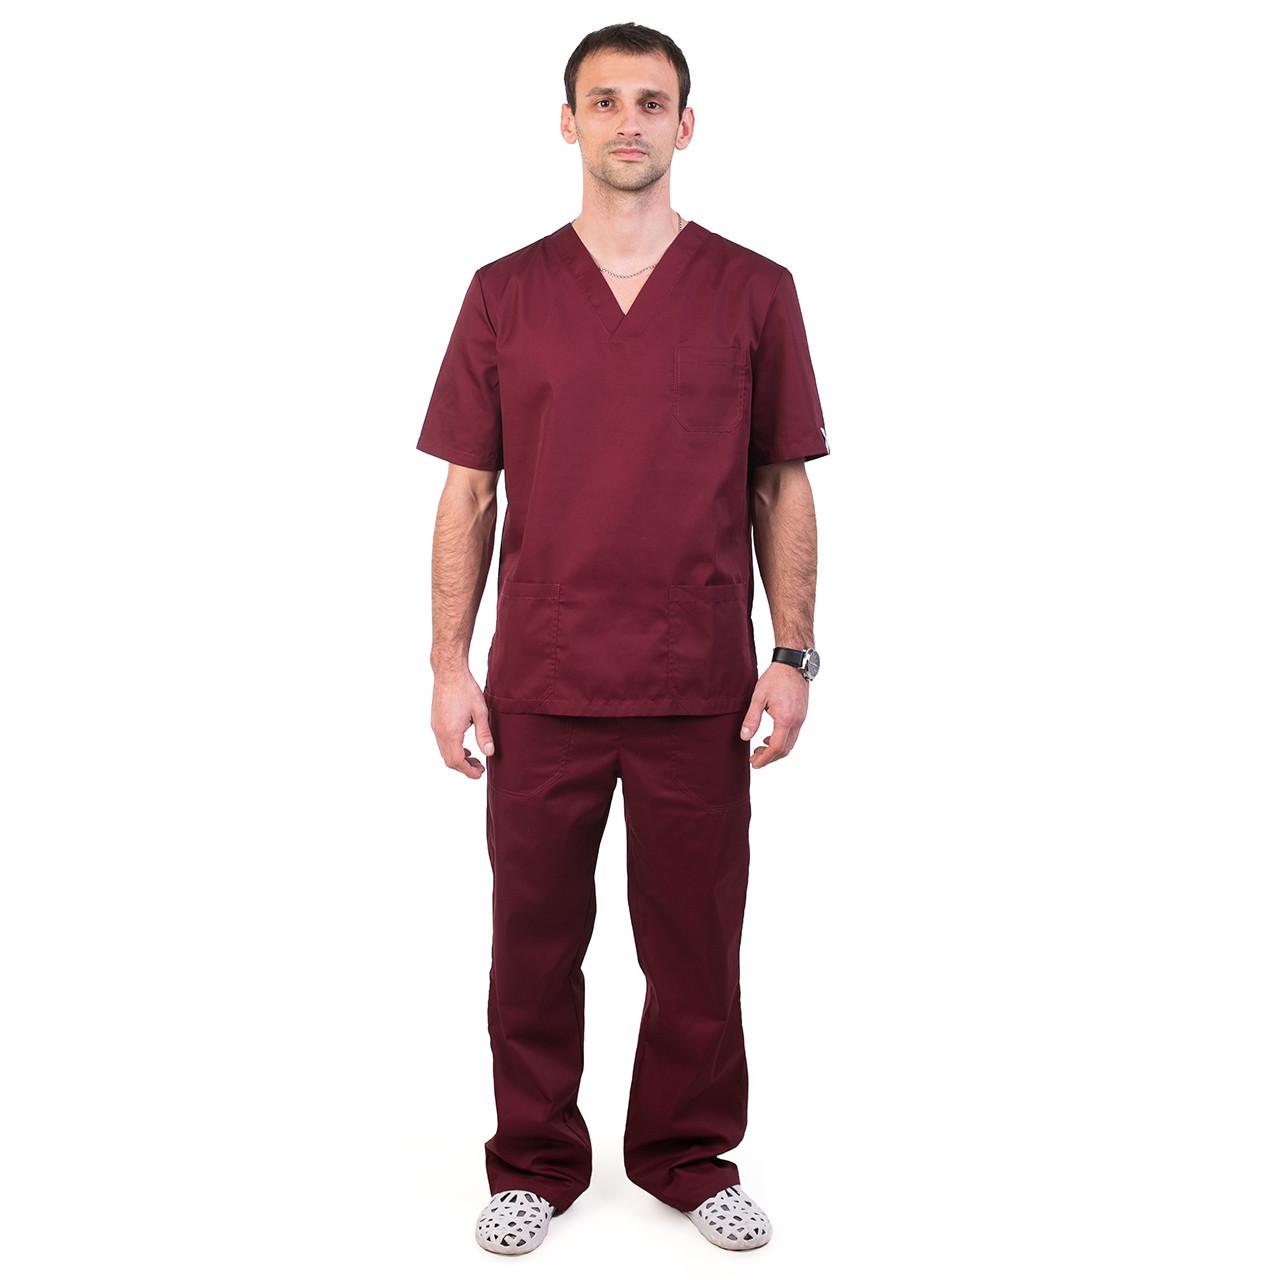 Медицинский мужской костюм Гранит марсала